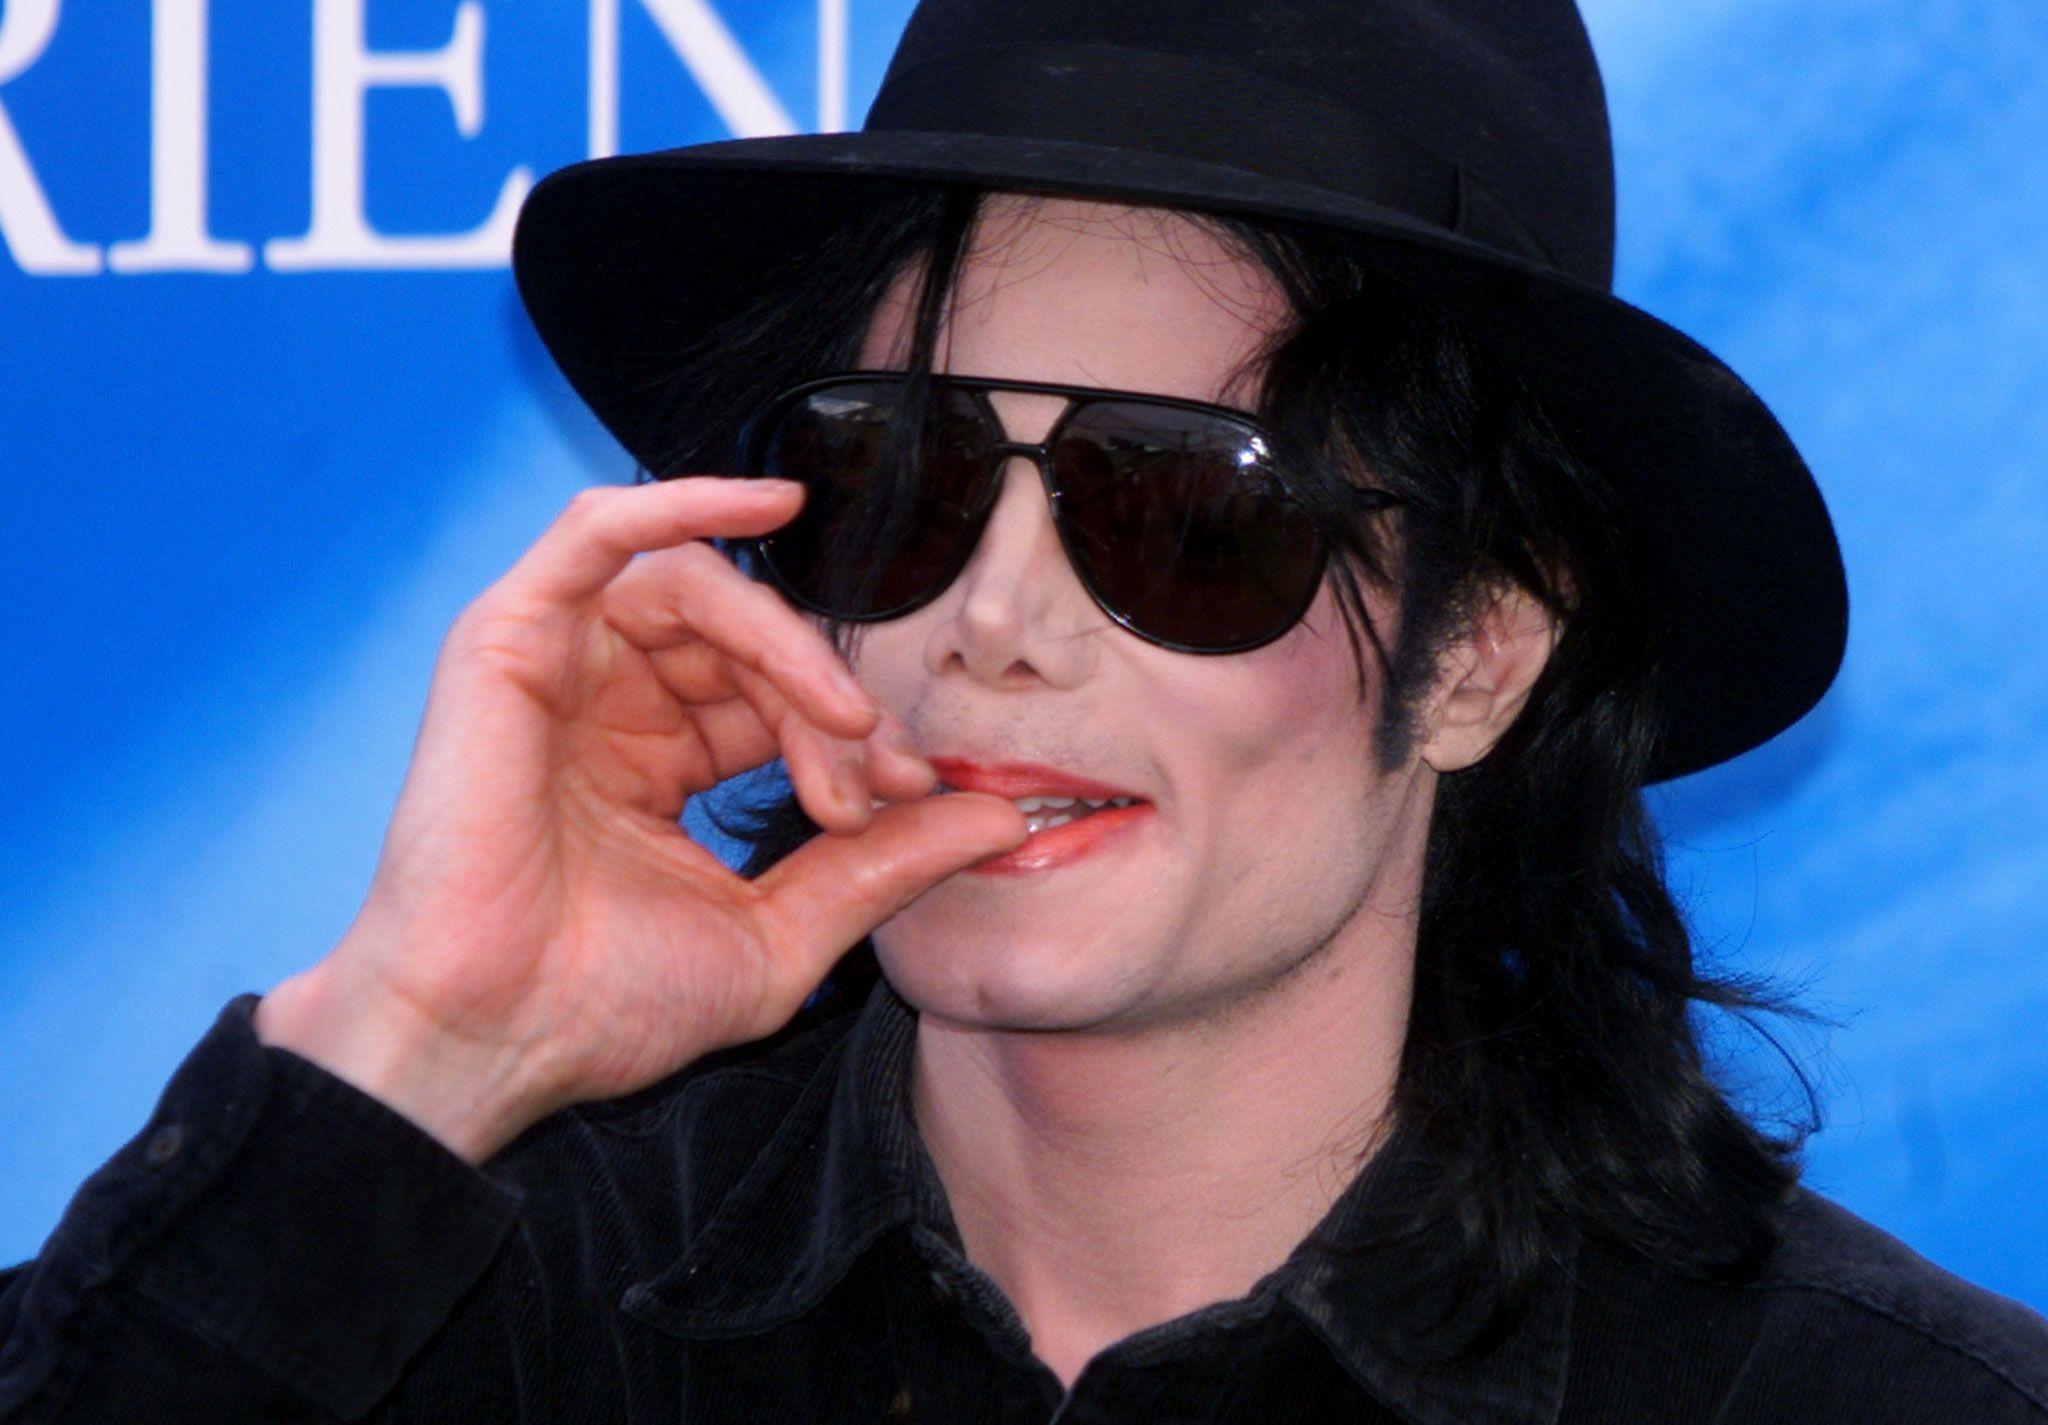 L'album posthume de Michael Jackson se vend bien, mais est aussi très critiqué.